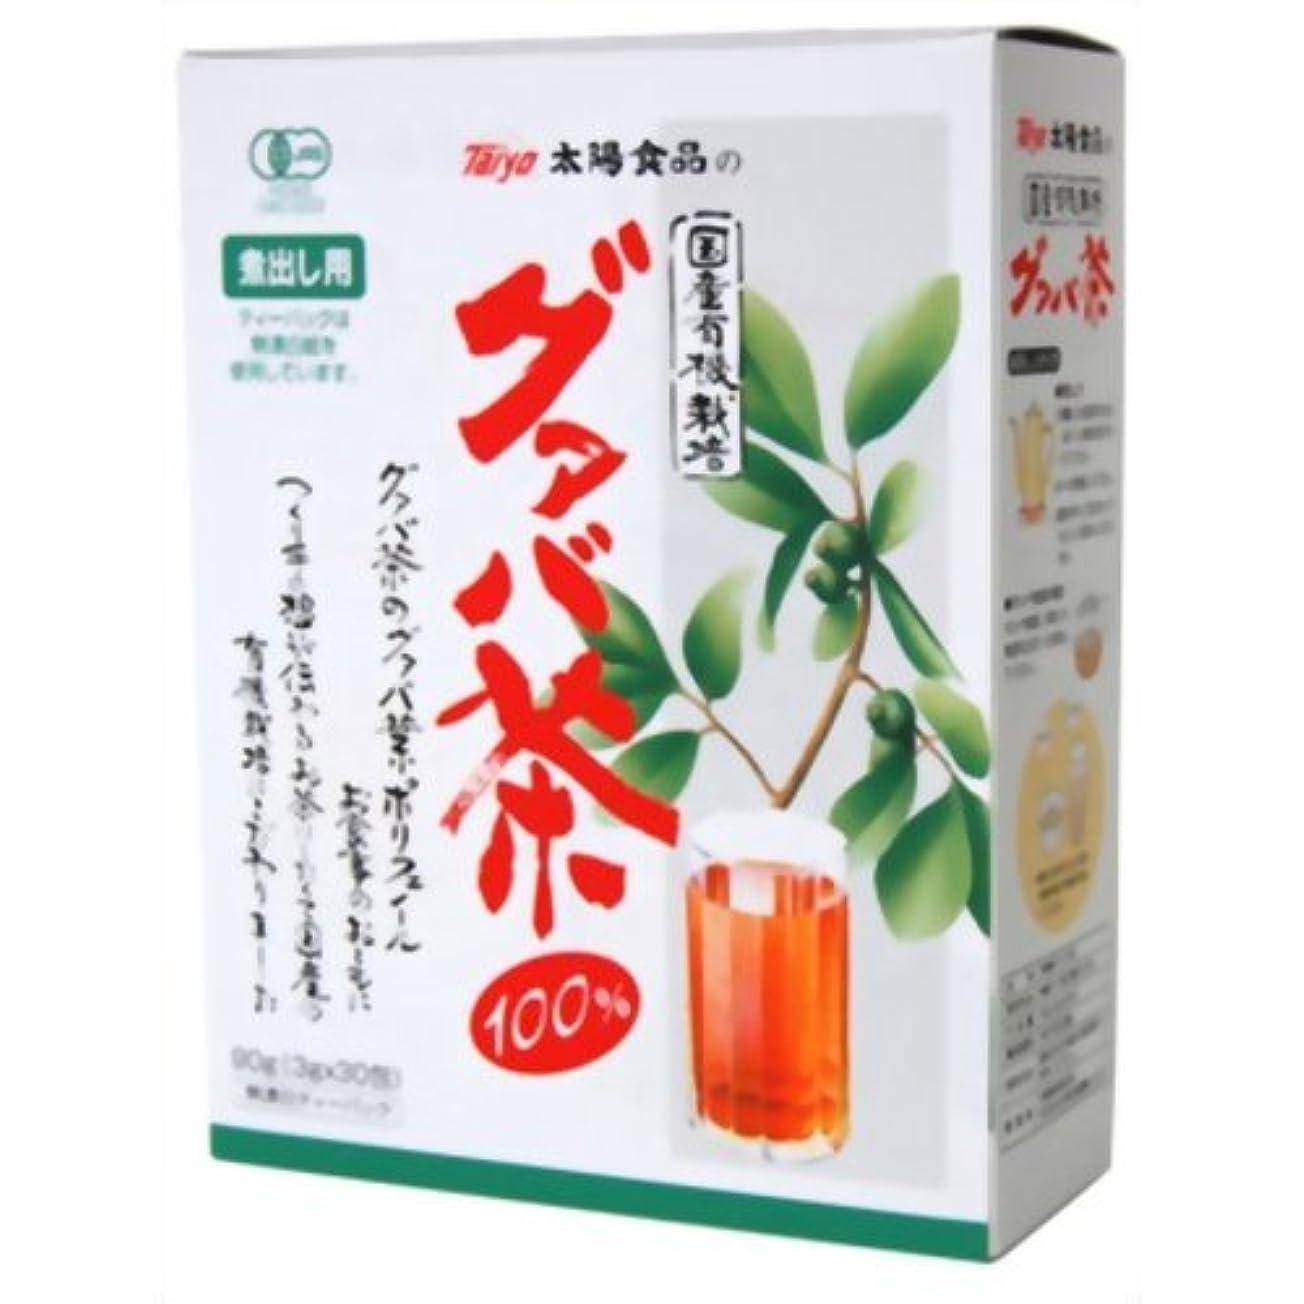 ヘビービルヒューム国産有機栽培グアバ茶 3gX30包